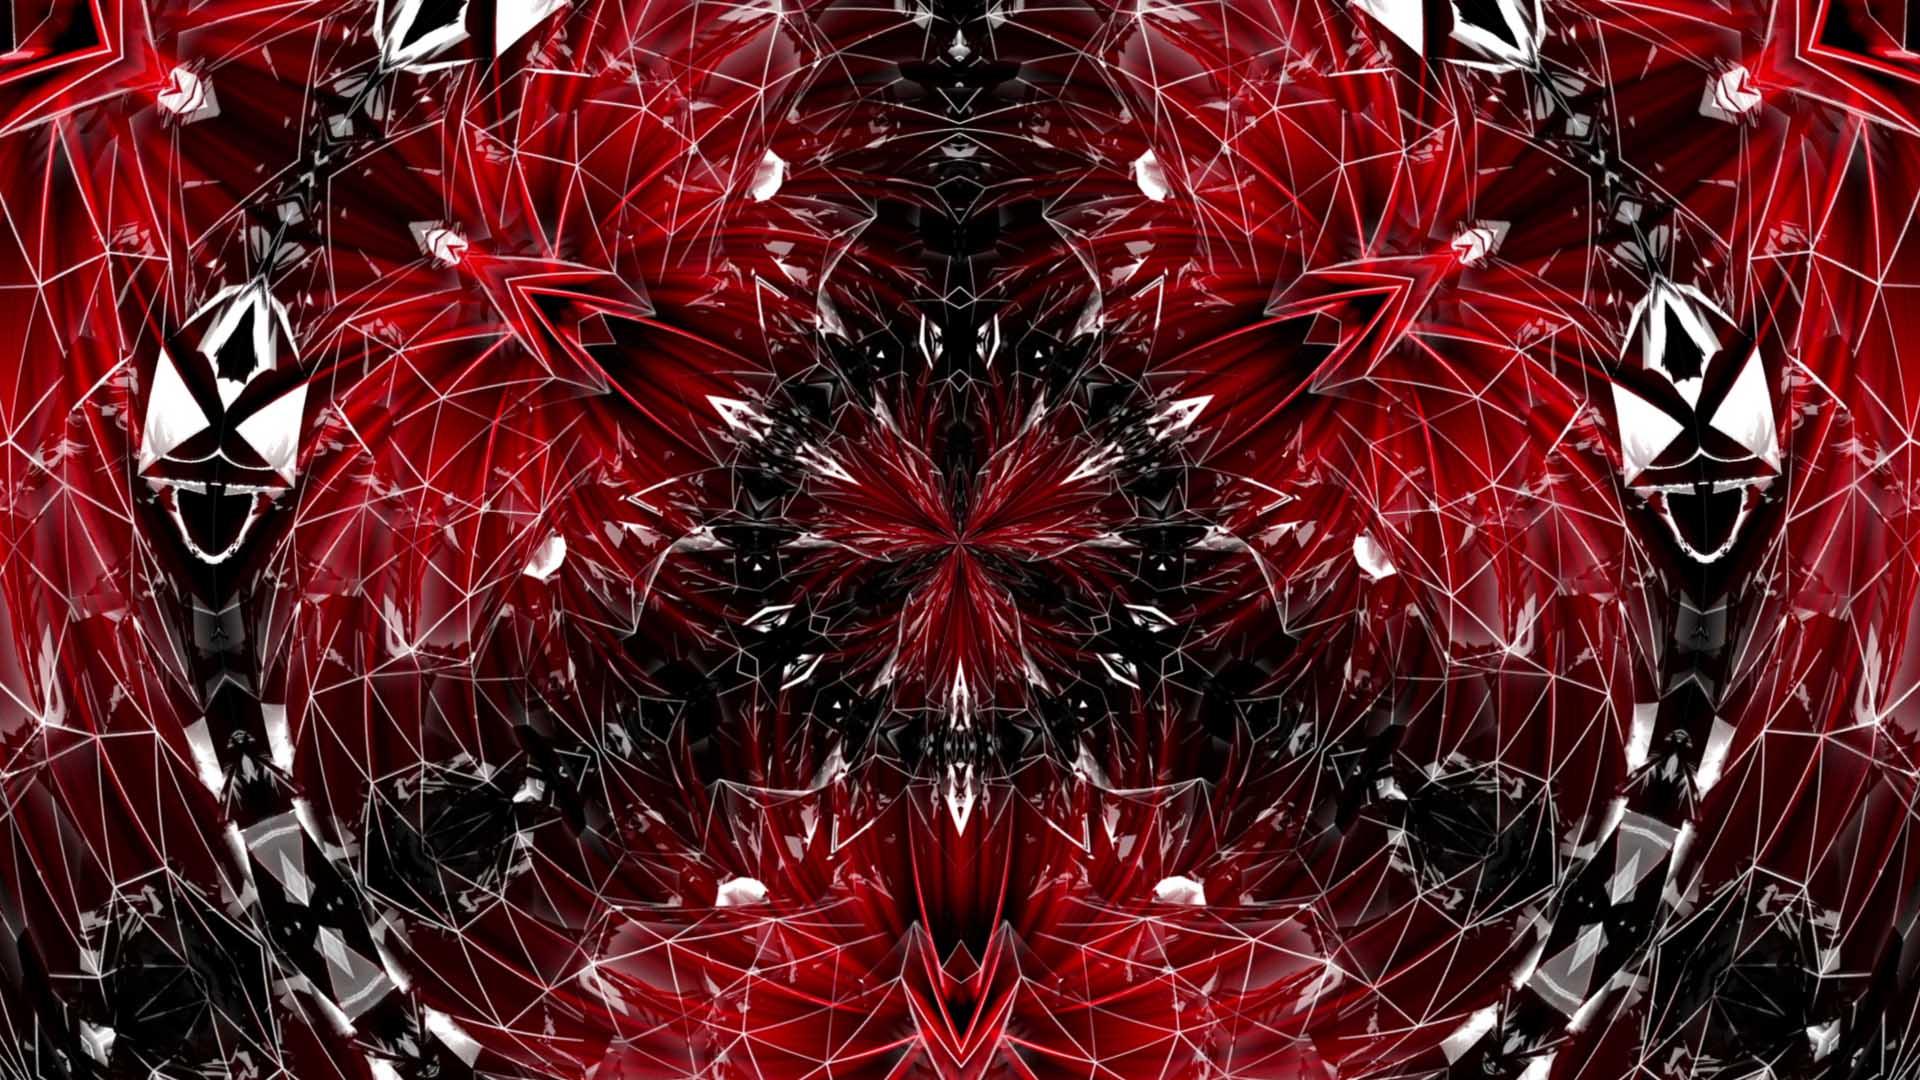 Red_Geometric_Pattern_Vj_Loop_Video_Background_HD